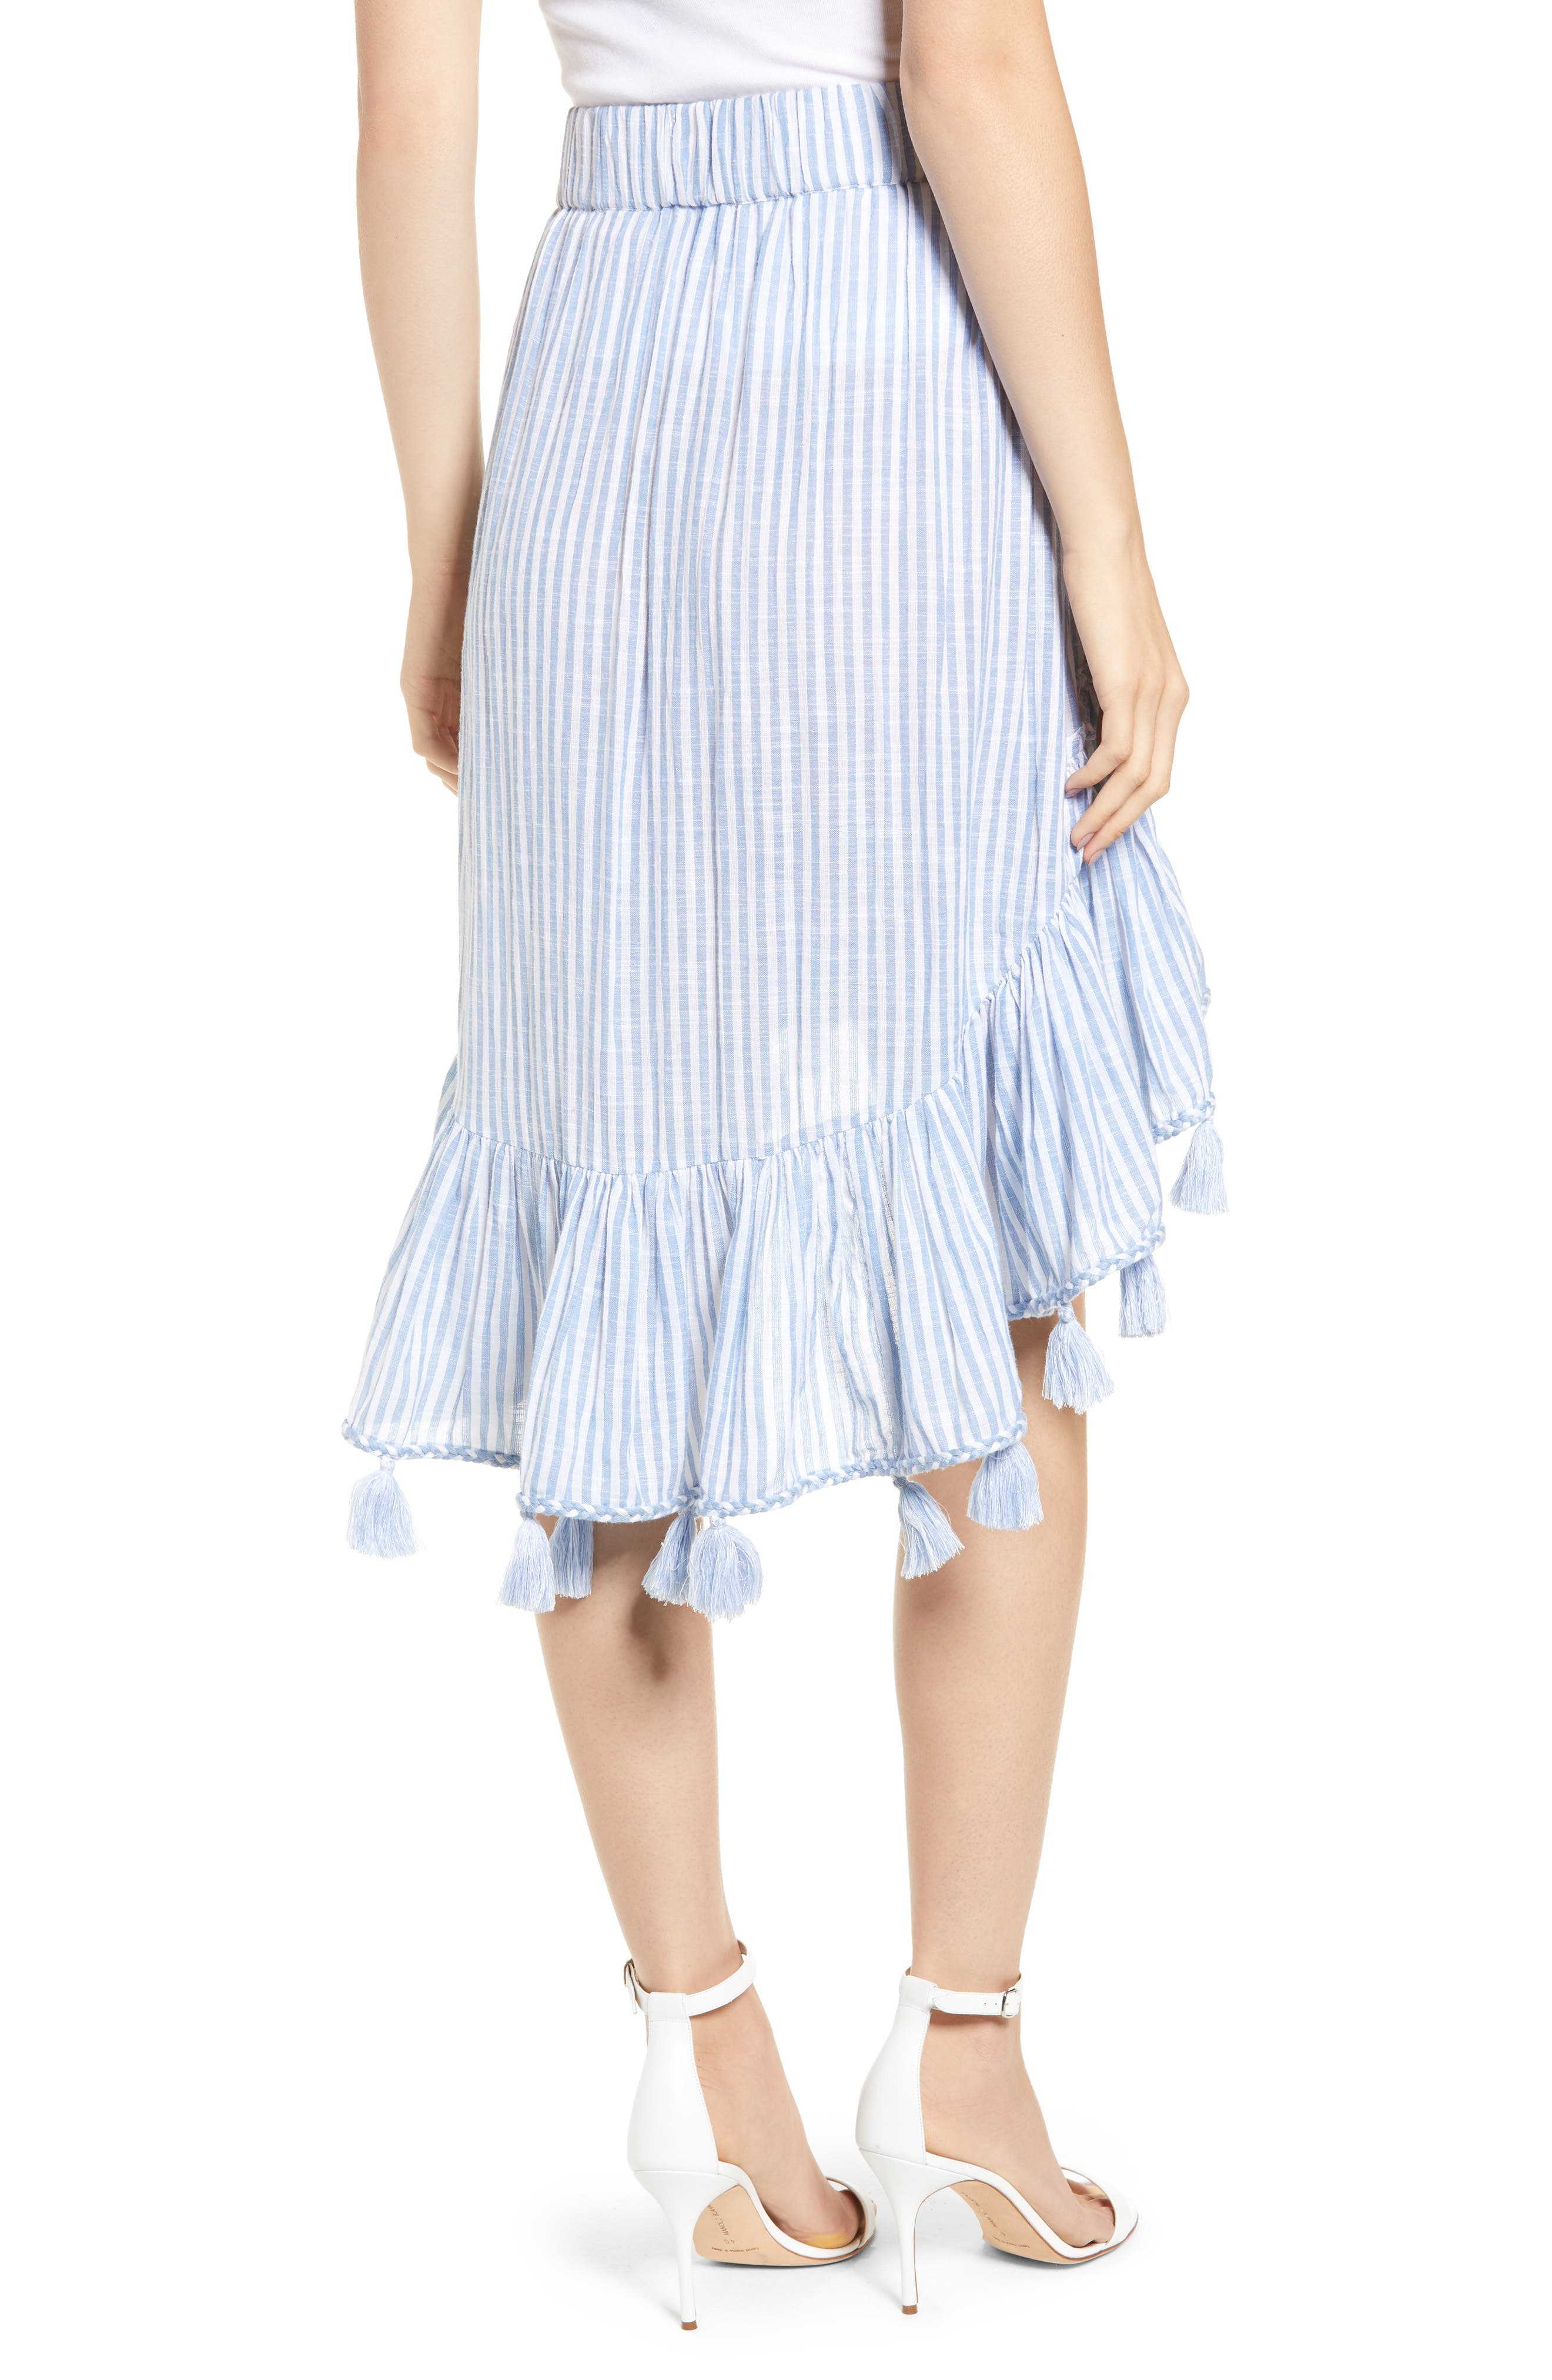 Rosero Ruffle High/Low Skirt,                             Alternate thumbnail 2, color,                             BLUE STRIPE